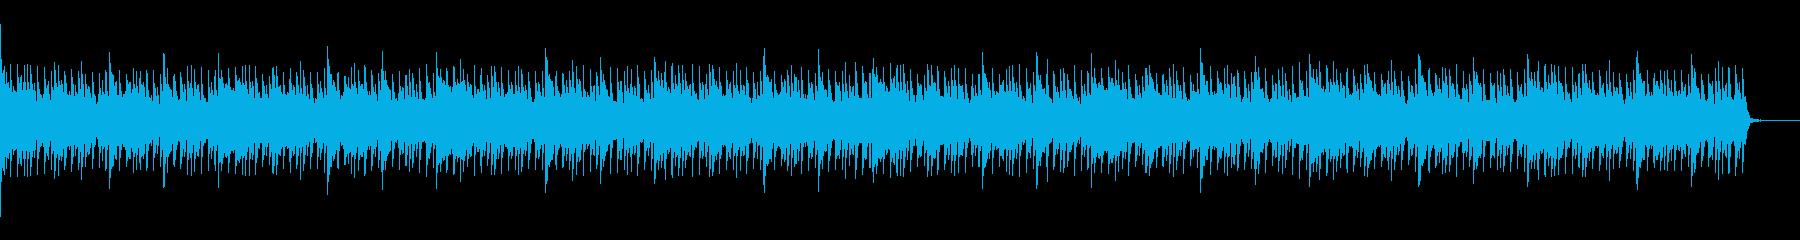 映画/映像音楽/暗くダークなBGMの再生済みの波形